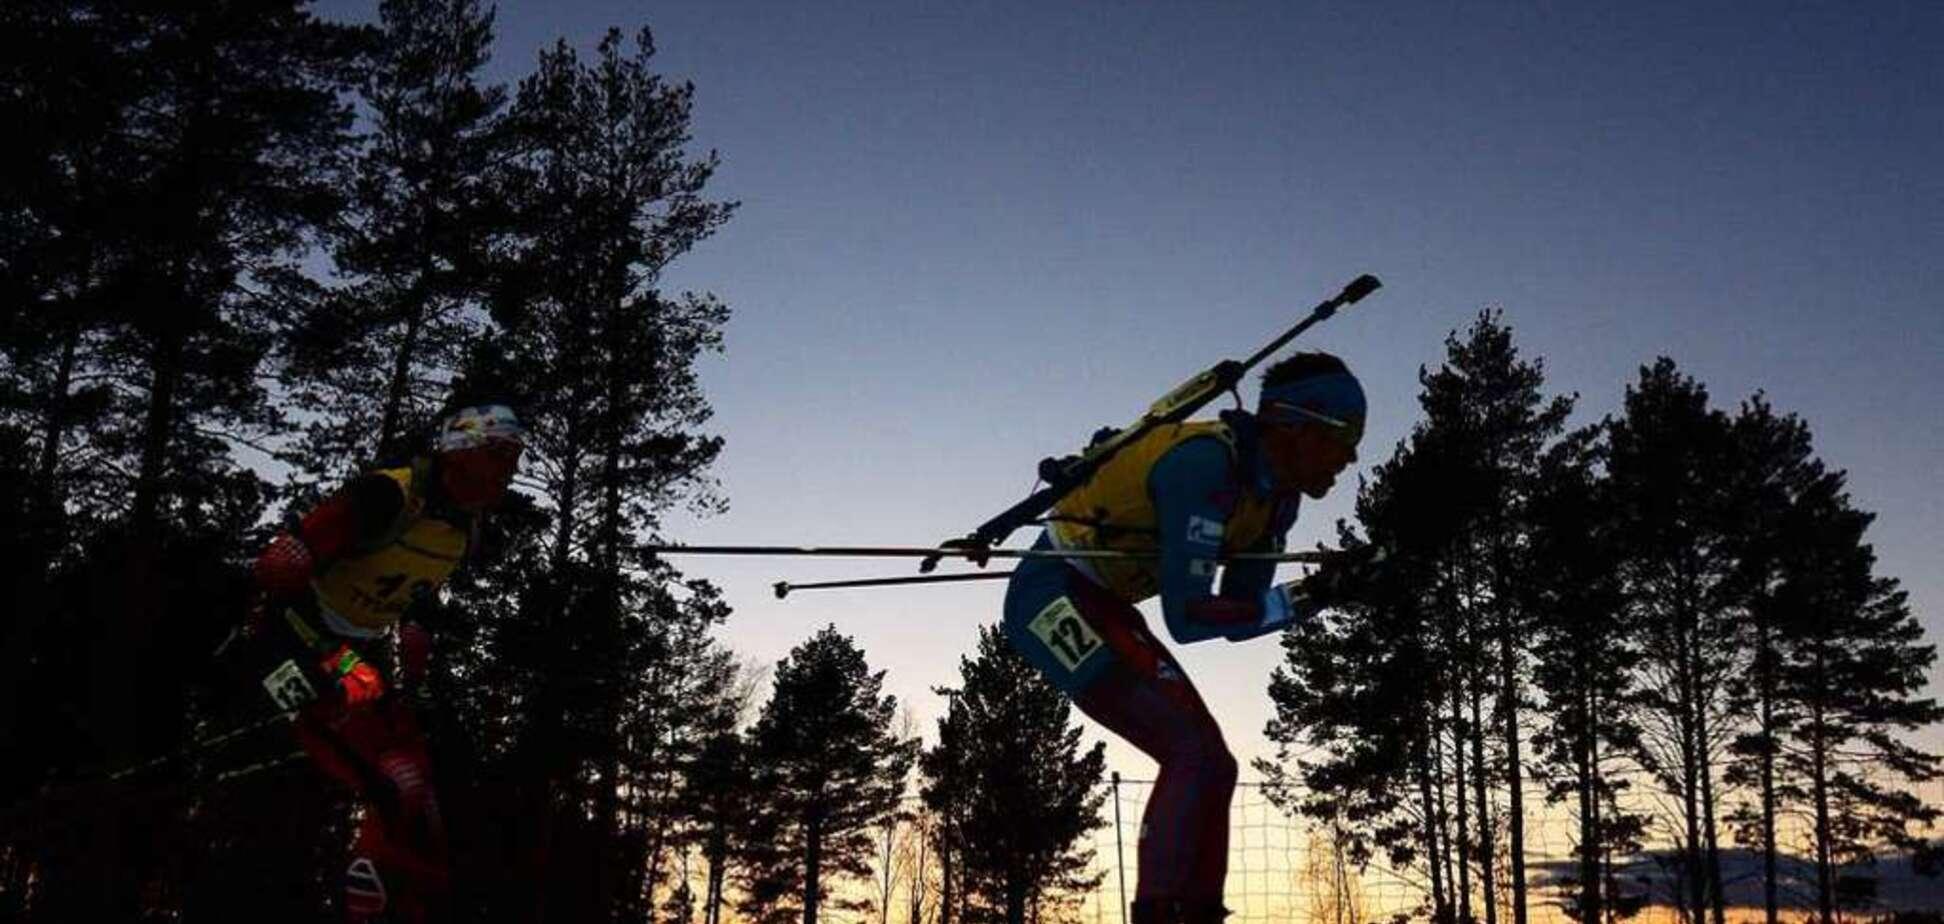 'Відхилити': Росію обламали з проведенням знаменитих біатлонних перегонів